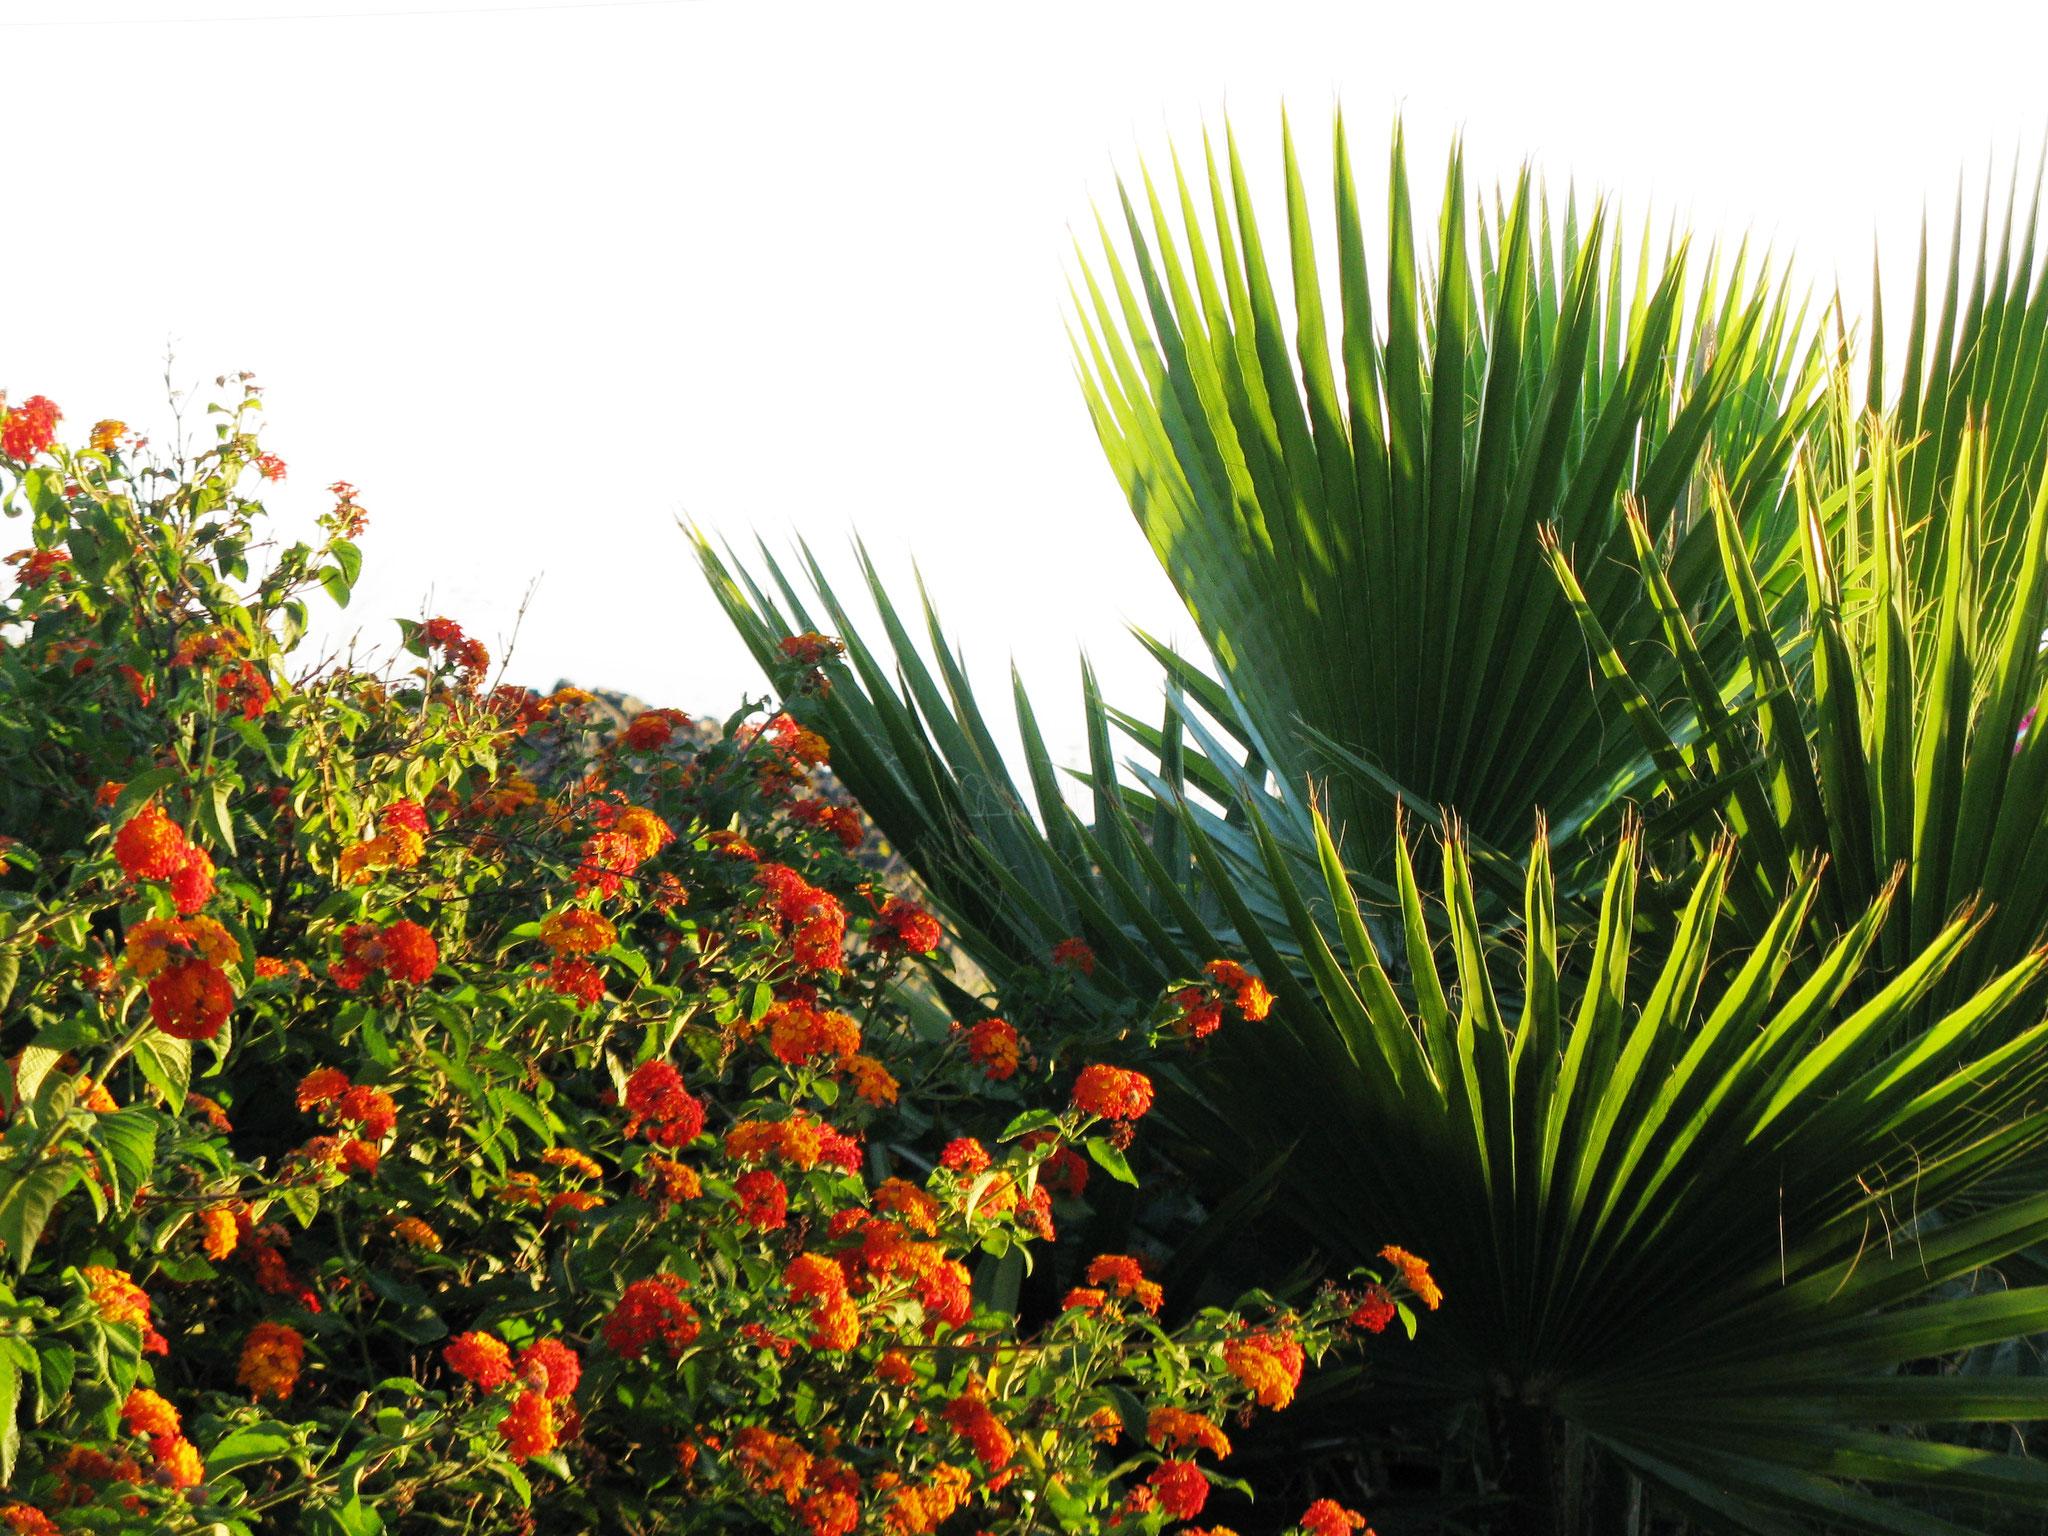 La Palma Ferienhaus Ferienwohnung Apartment direkt mieten